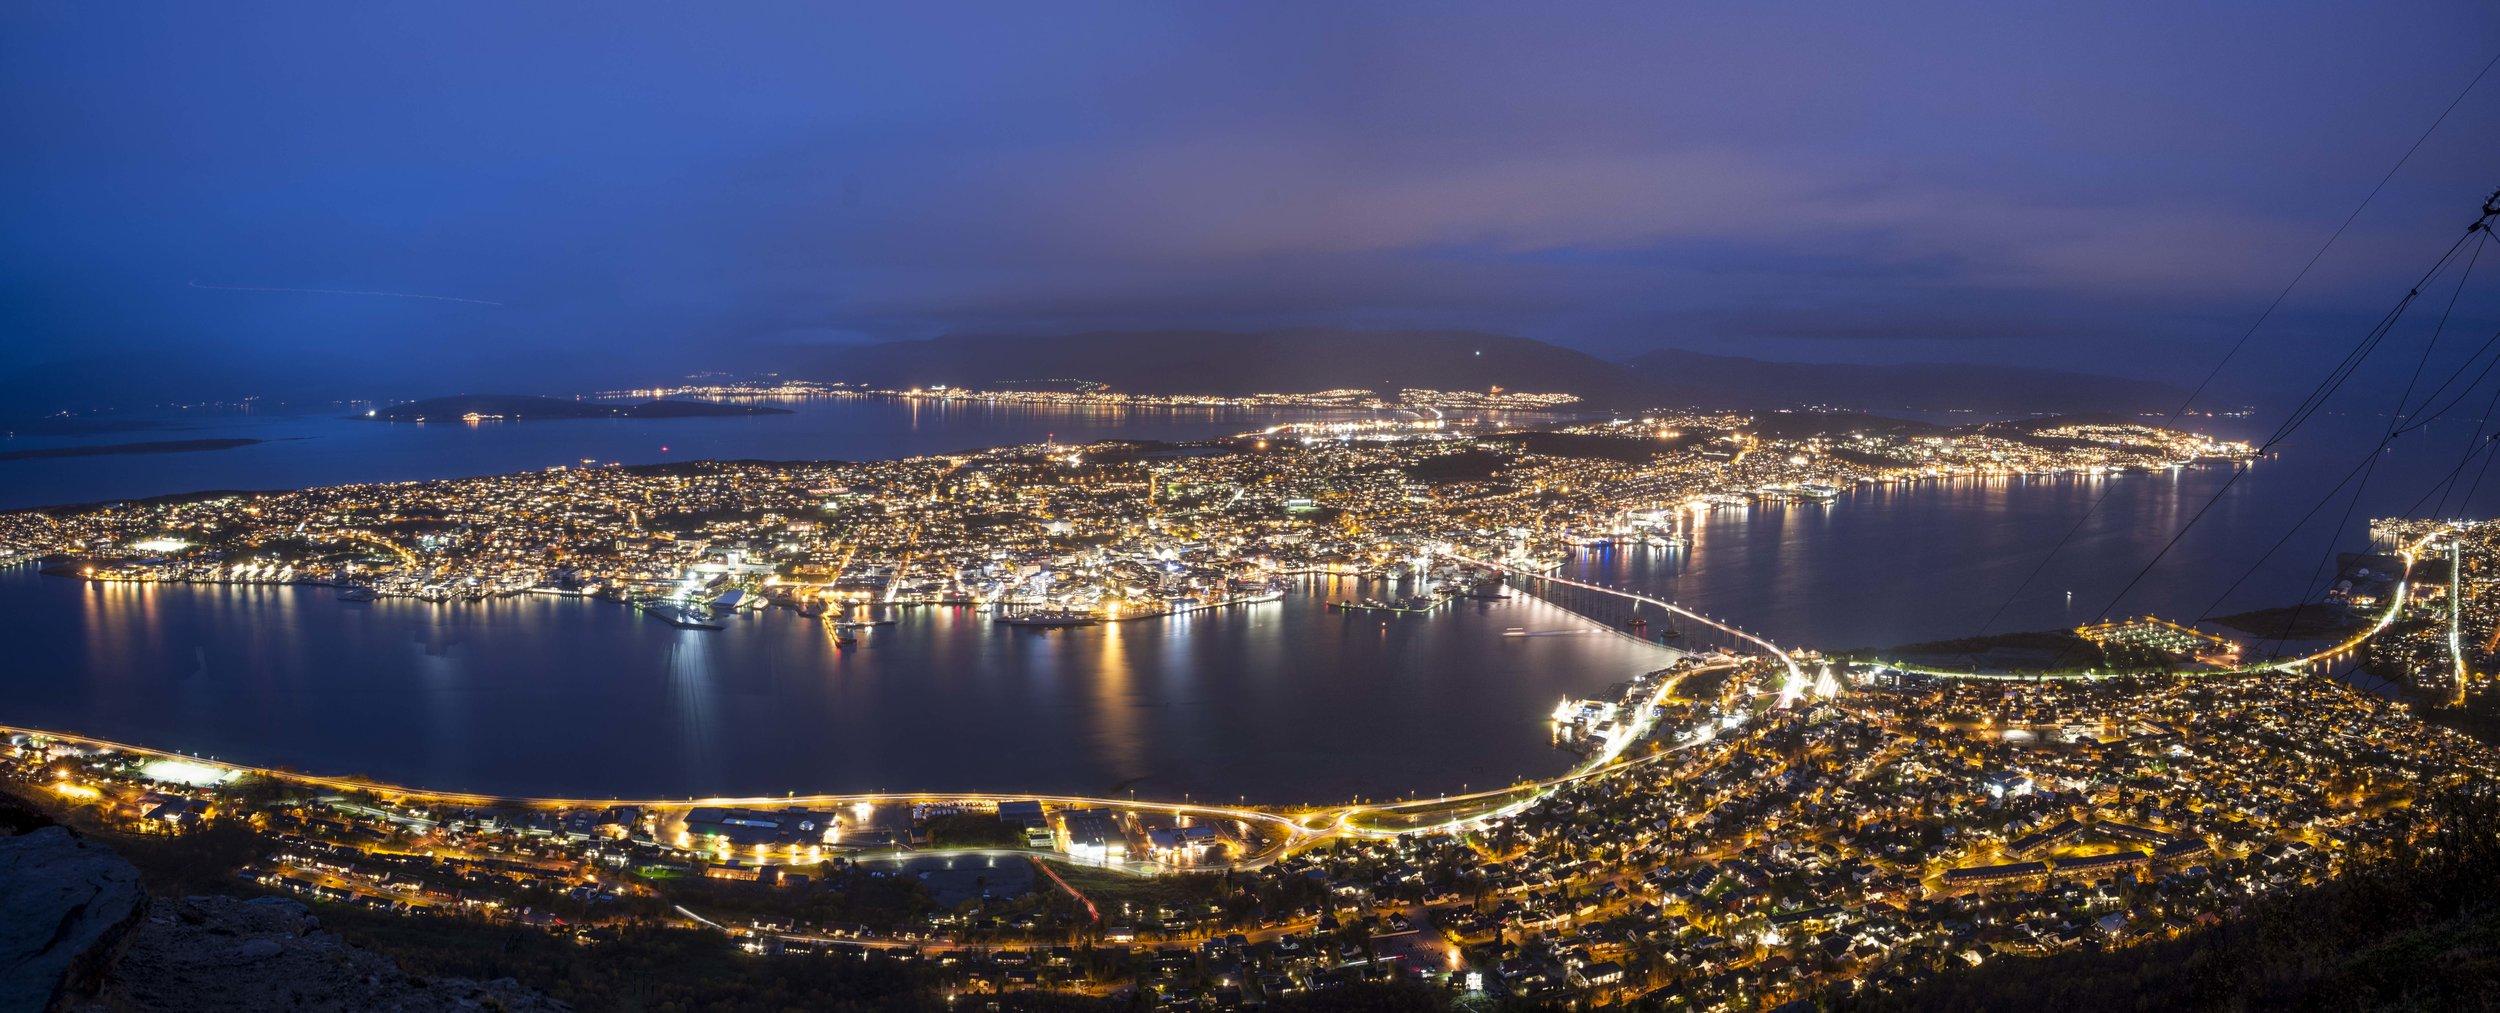 Tromsø seen from Fløa